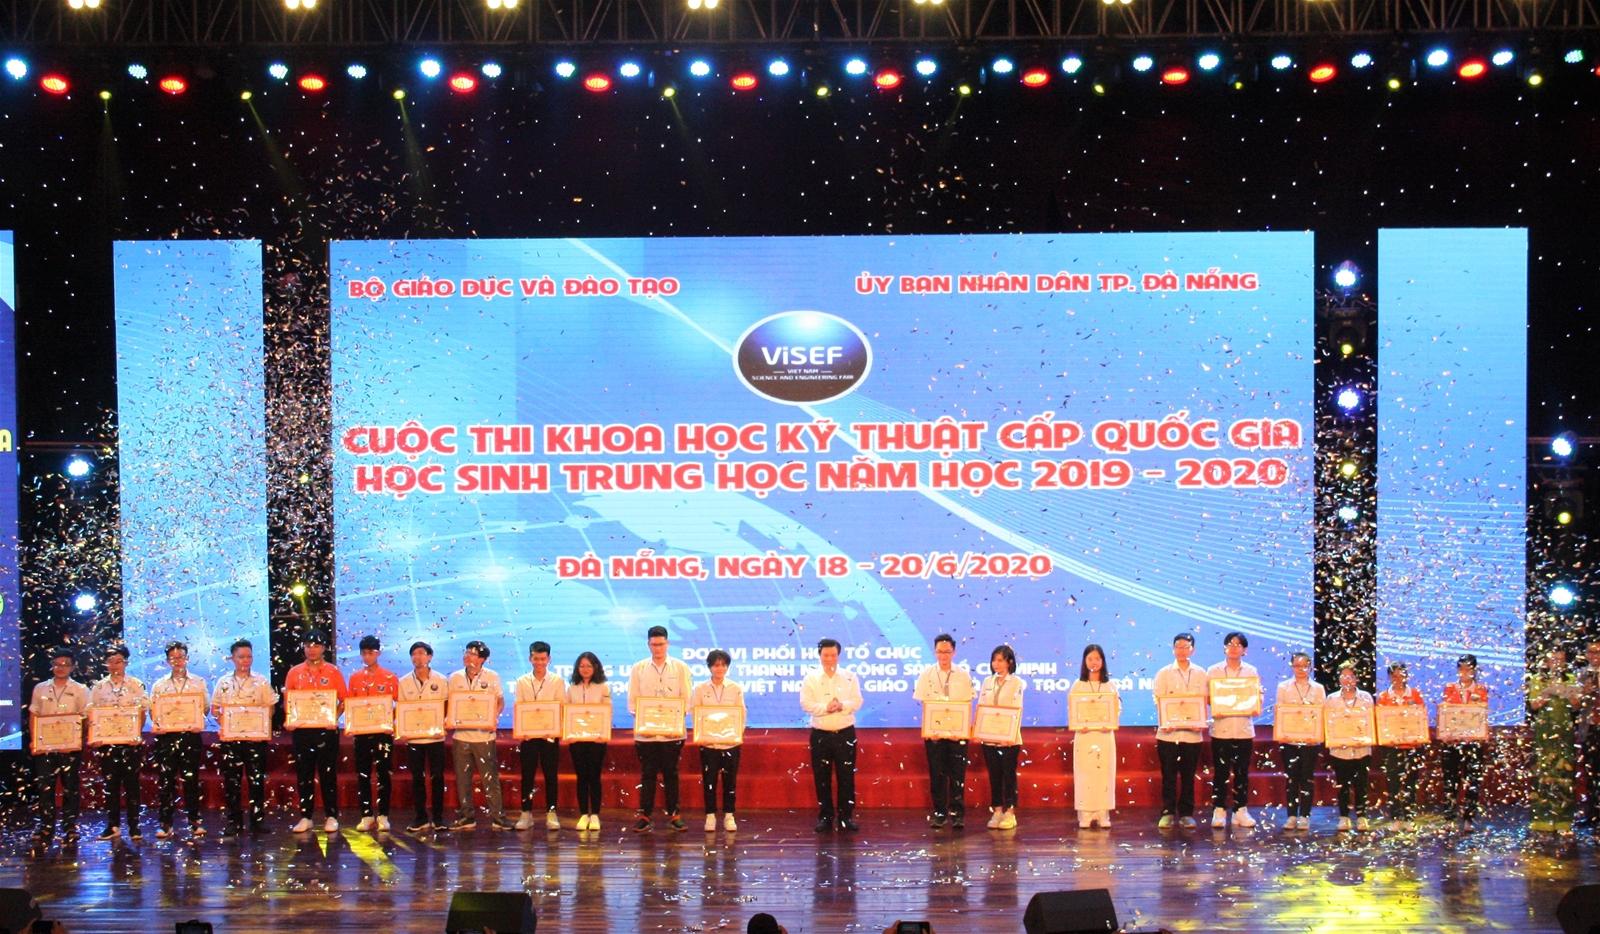 Thứ trưởng Bộ GD&ĐT Nguyễn Hữu Độ trao giải cho các học sinh có dự án đạt giải nhất.